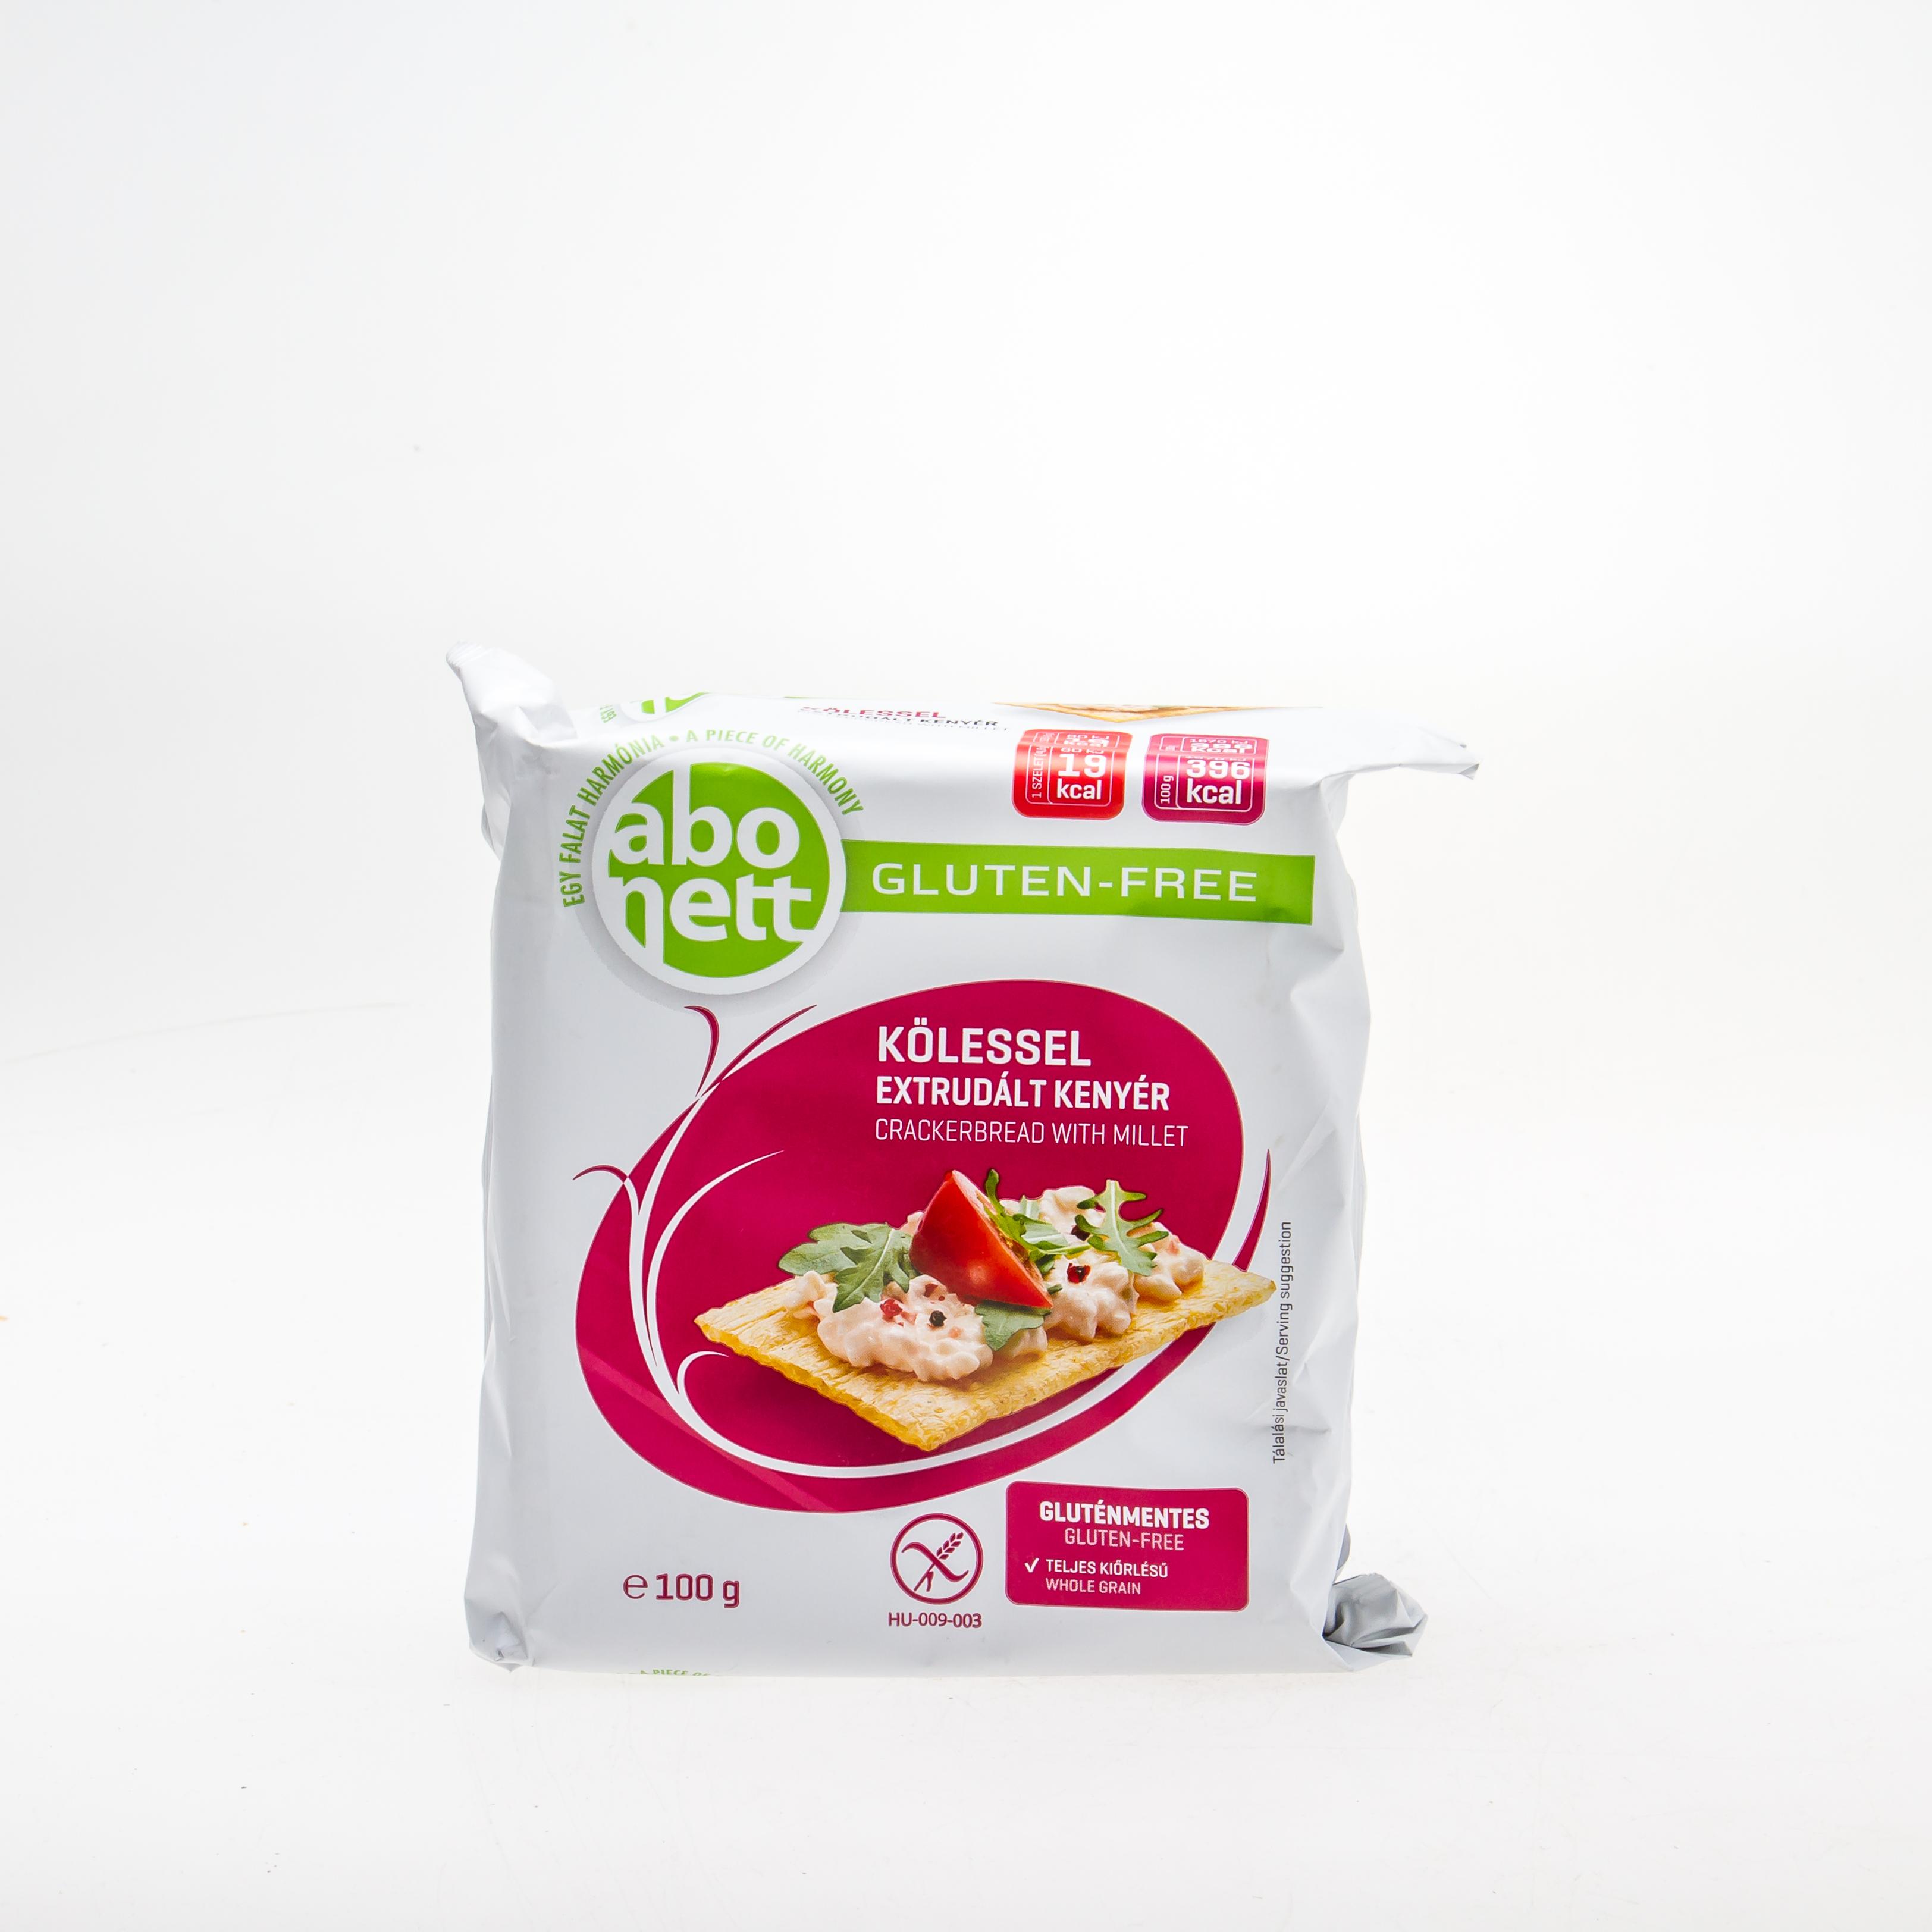 ABONETT Хлібці з пшоном (без глютену), 100 г - купить в интернет-магазине Юнимед